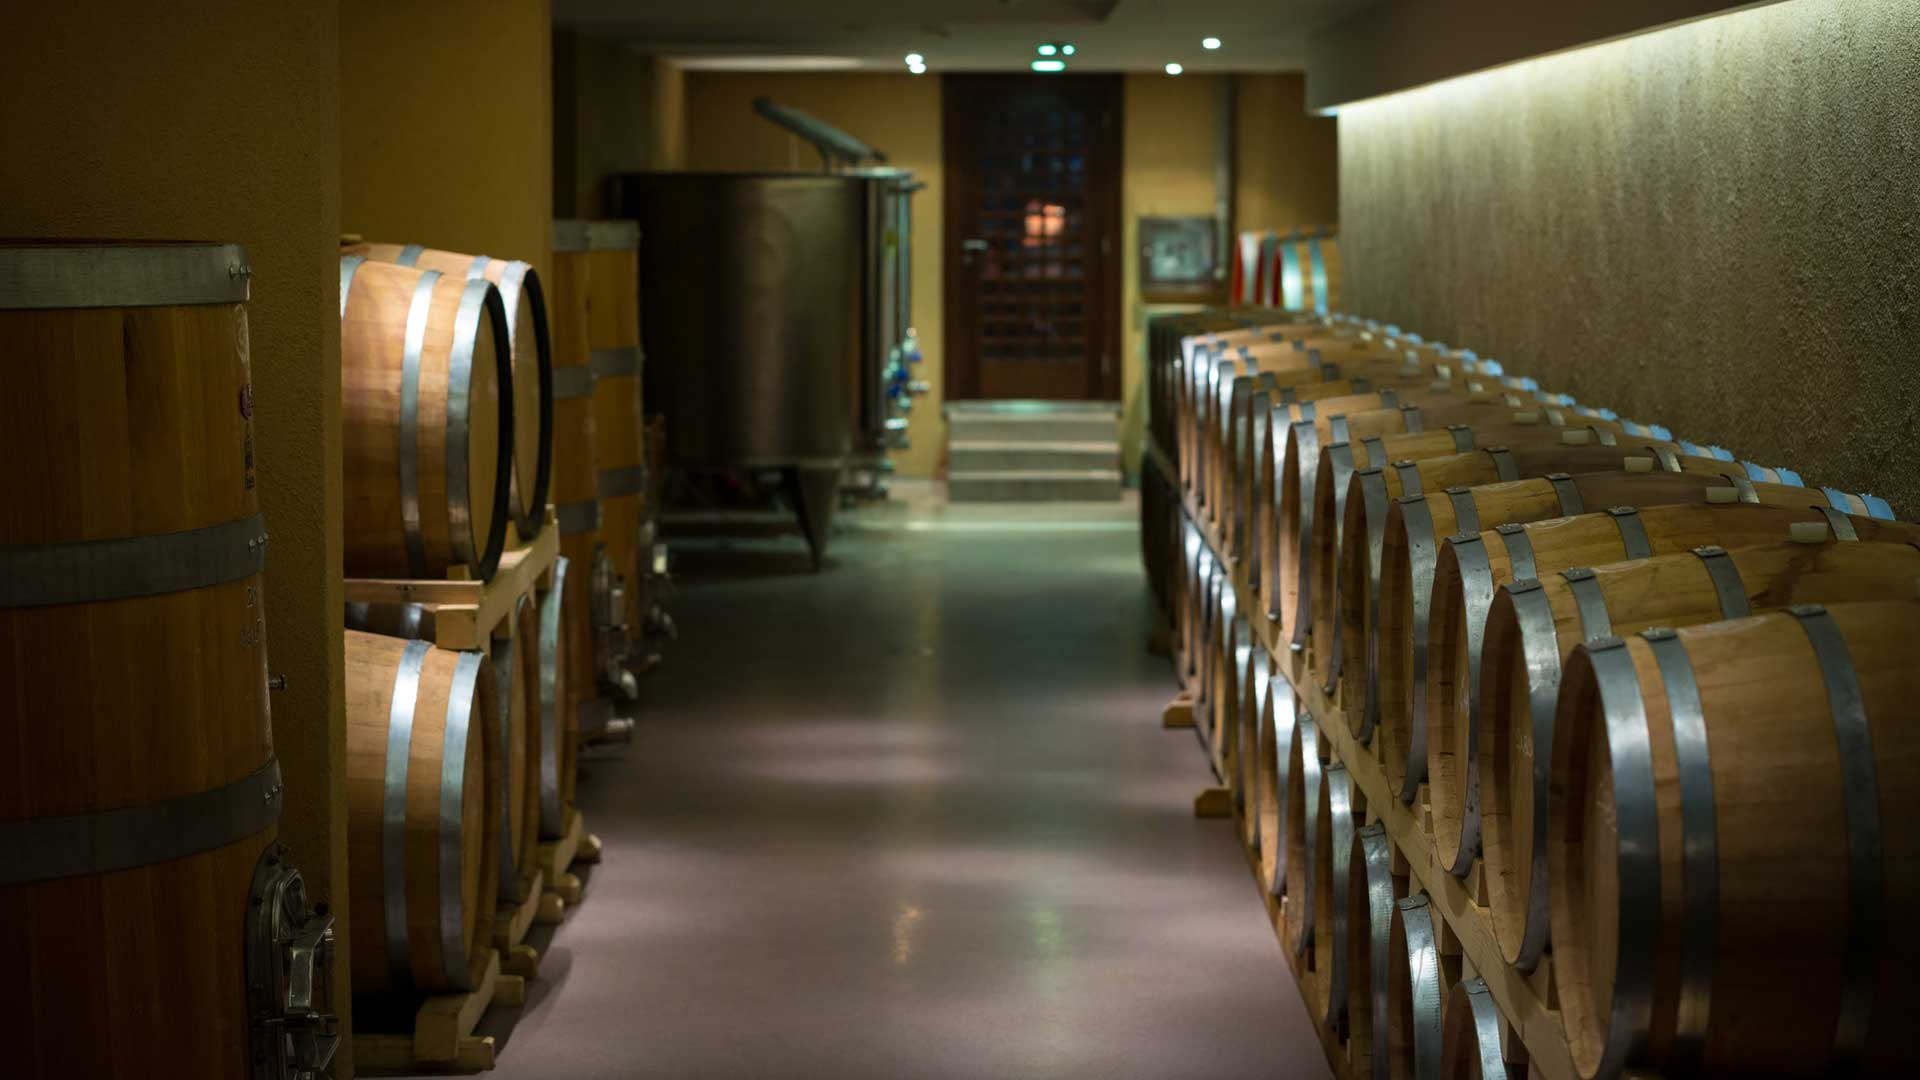 vinarija atelje vina sapat hrast bure